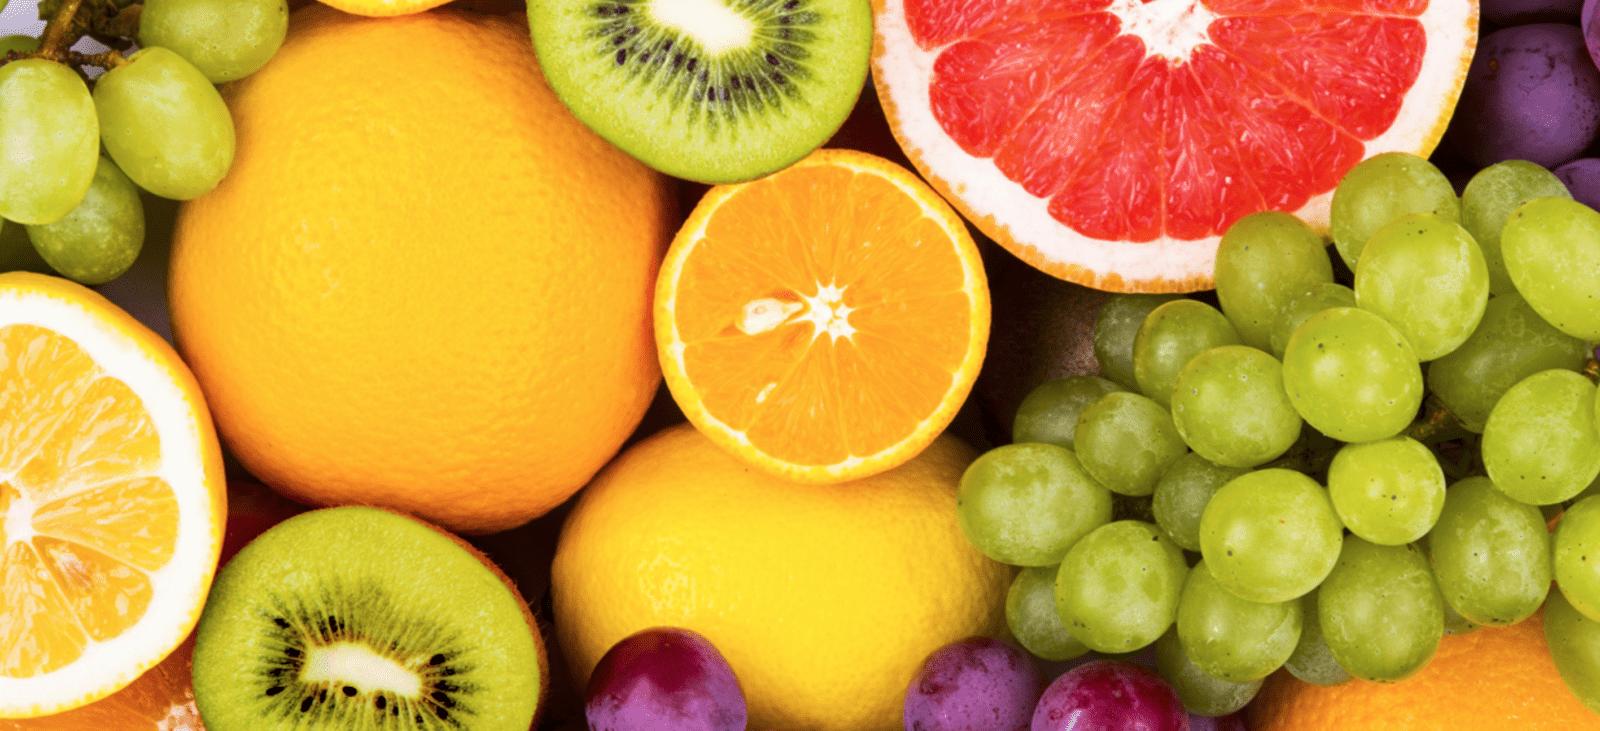 Fruit van Olympic Food Group